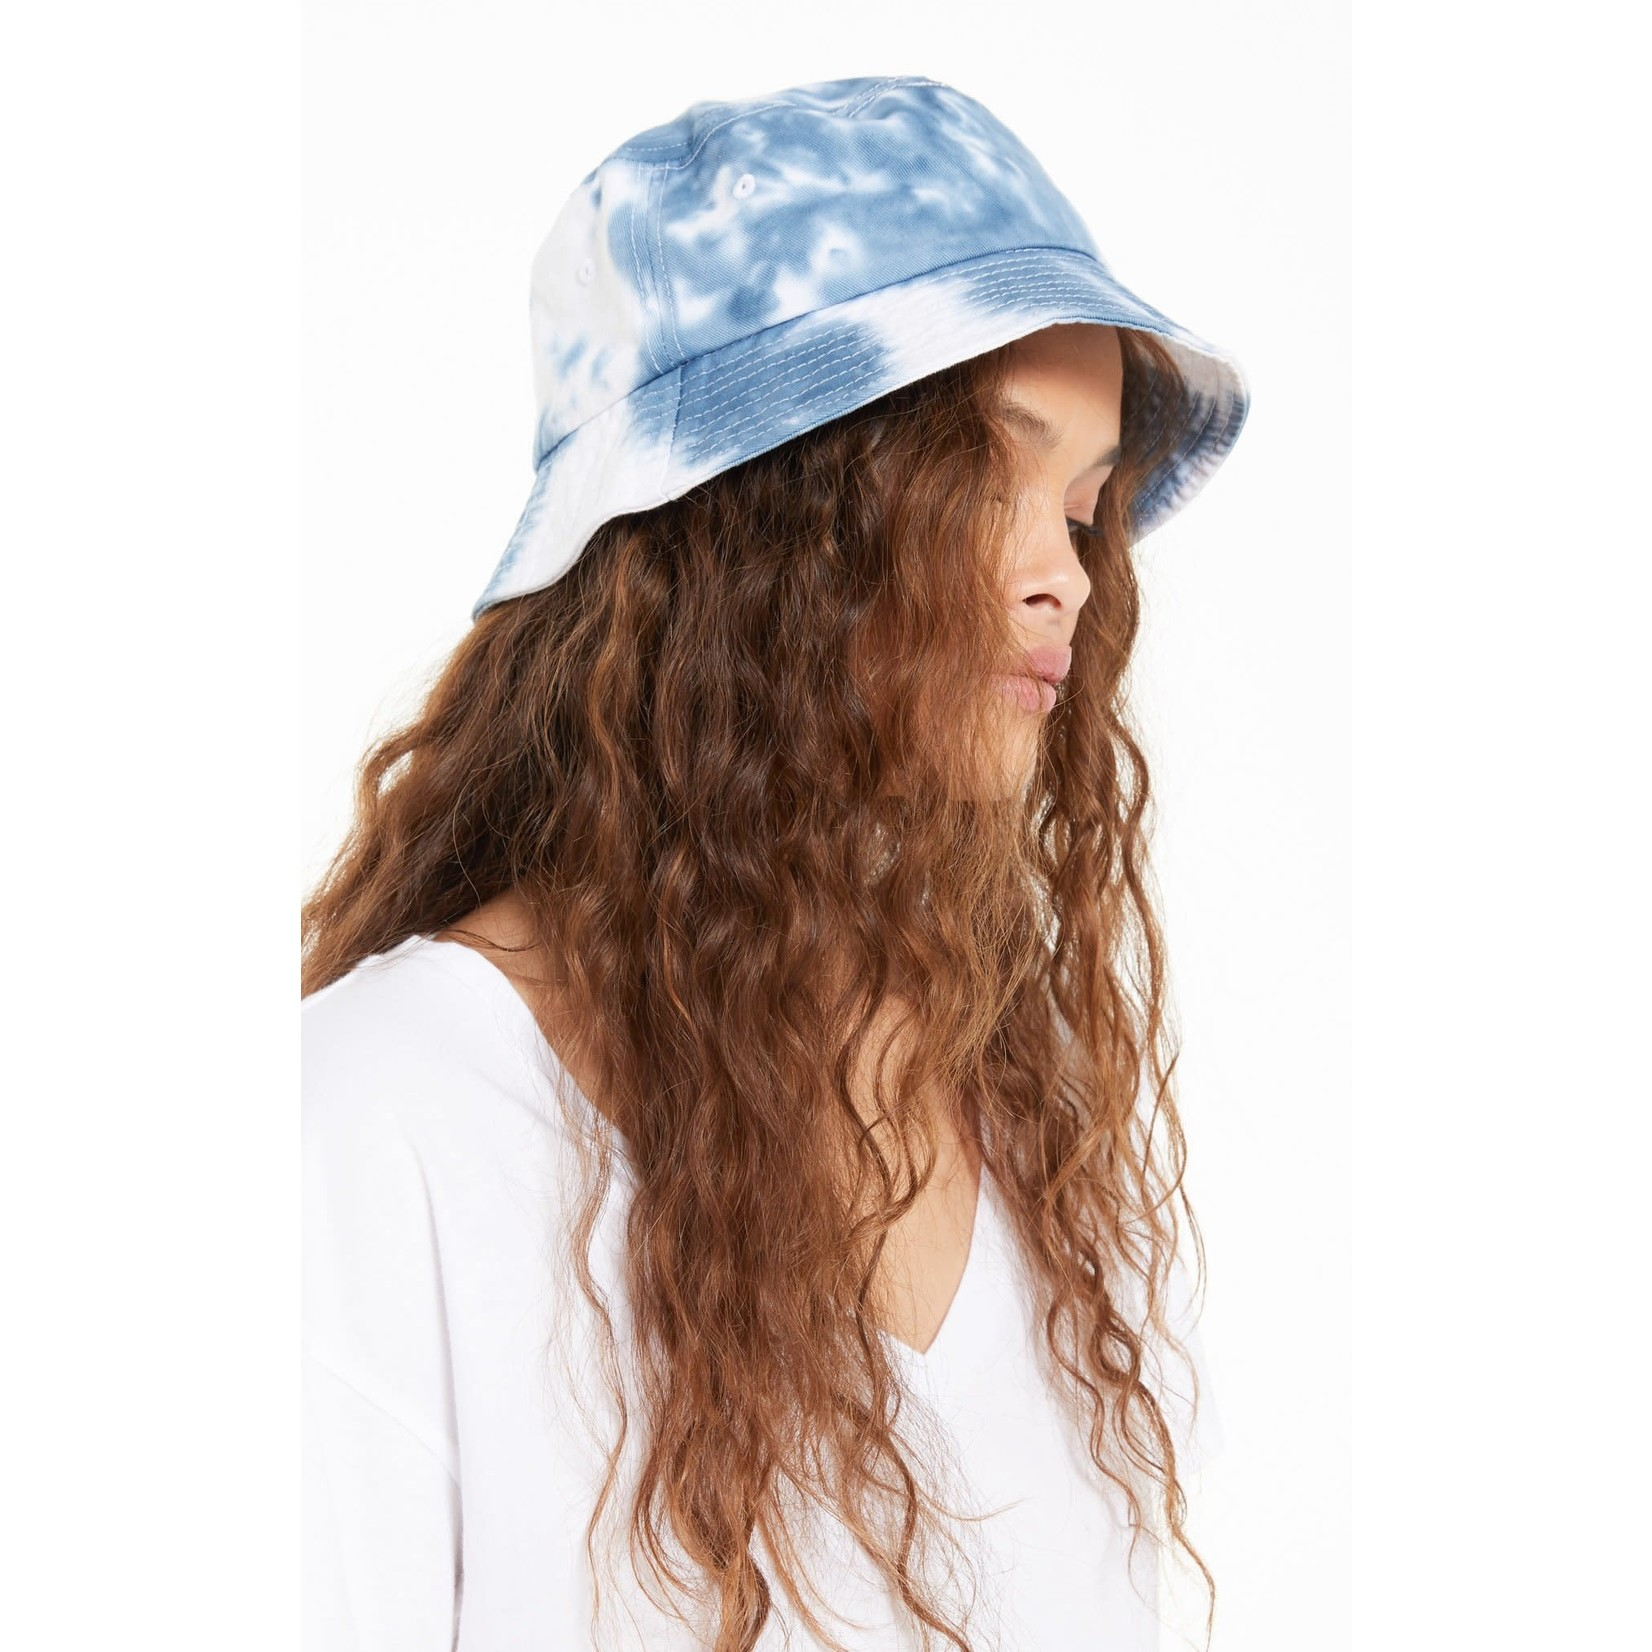 Z Supply Twill Tie-Dye Bucket Hat